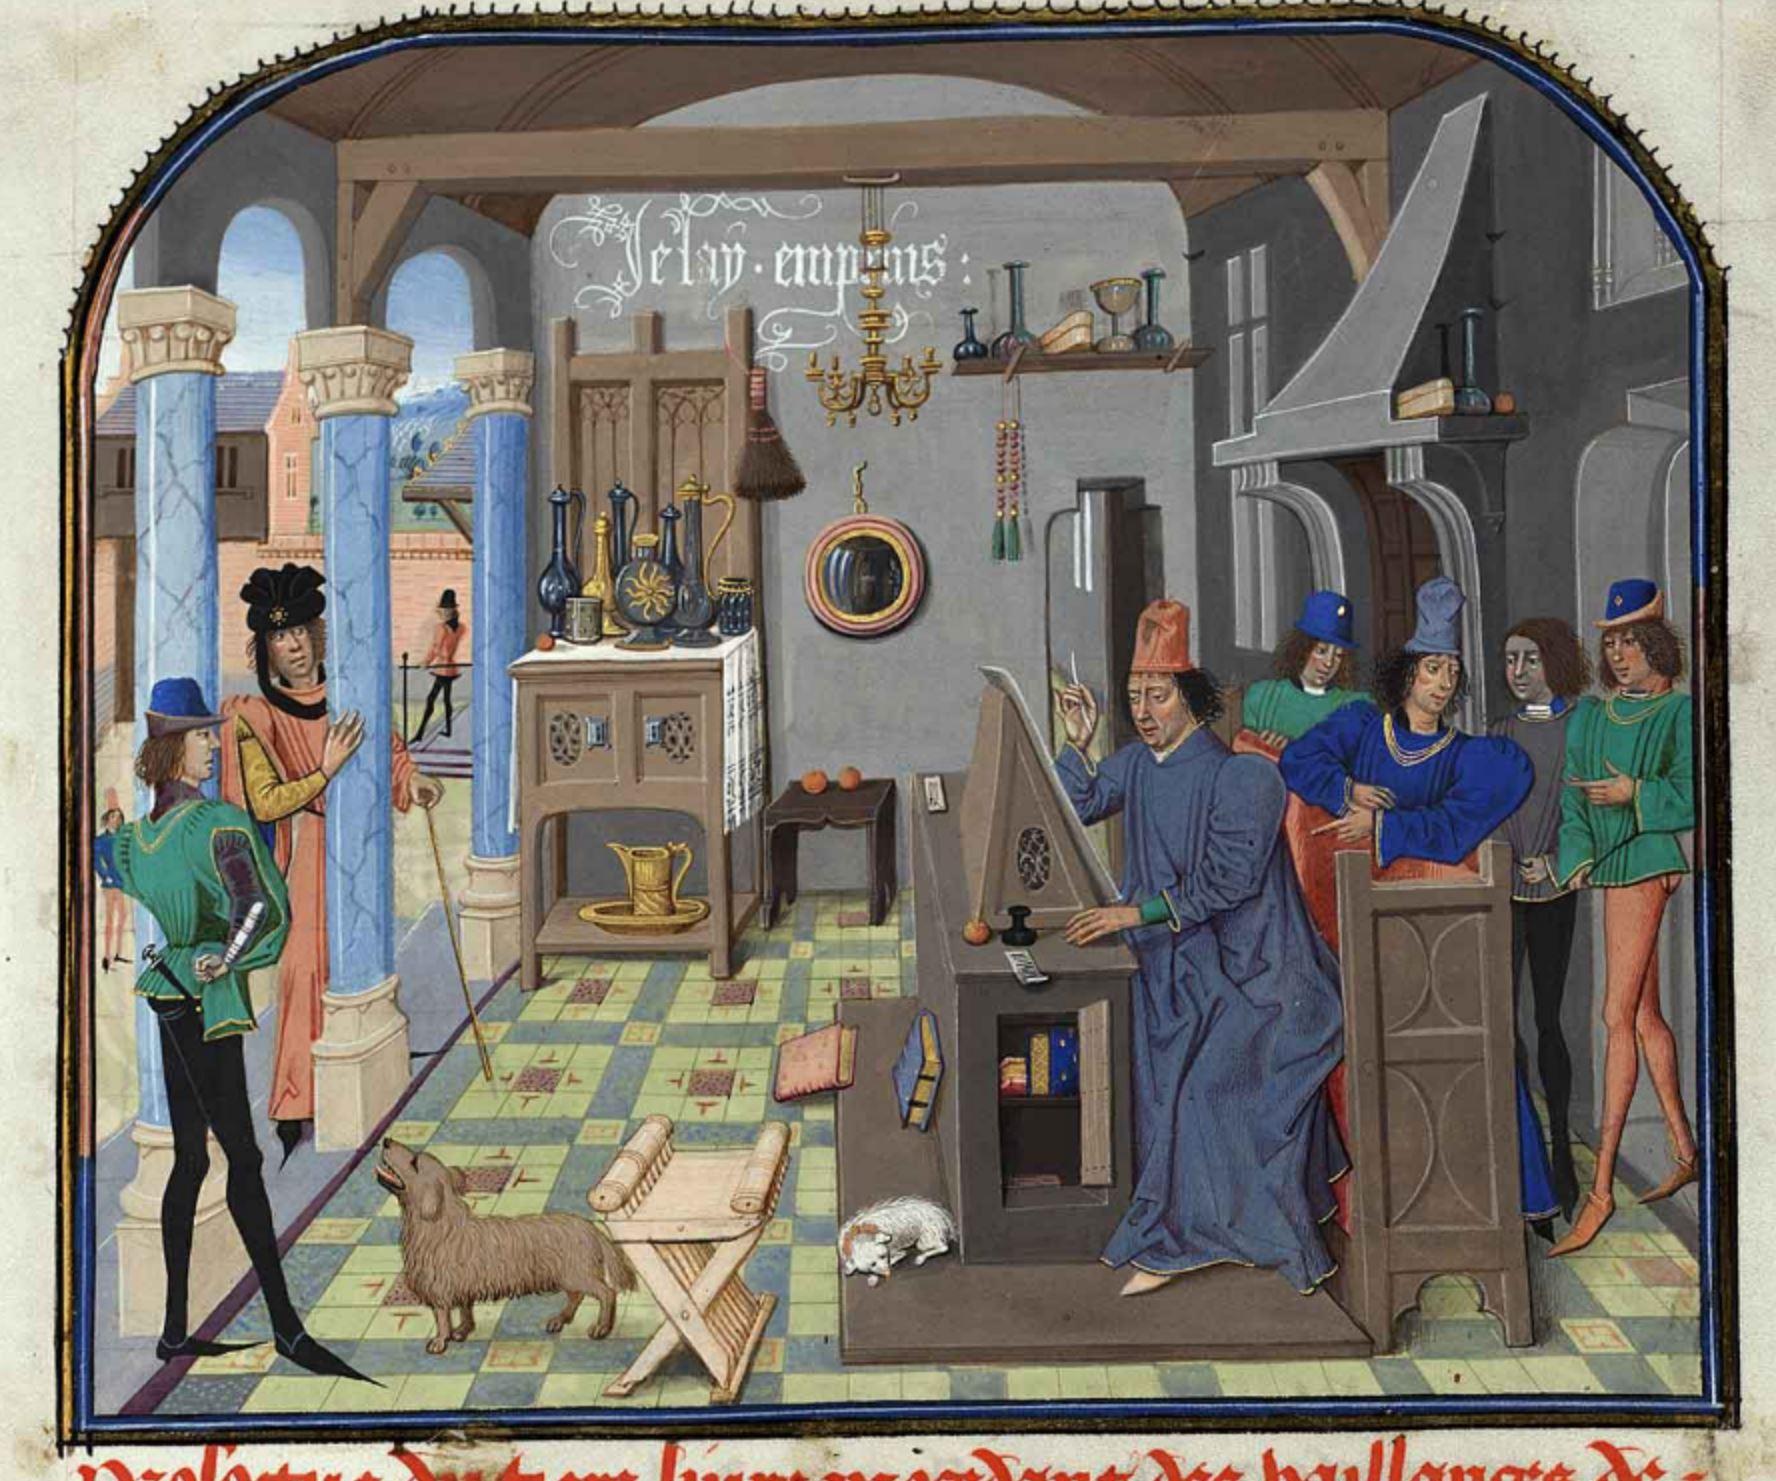 Loyset Liedet avant 1472 Charles le Temeraire surprenant David Aubert en train de calligraphier Histoire de Charles Martel, Bruxelles, Bibliotheque royale, ms. 8, fol. 7